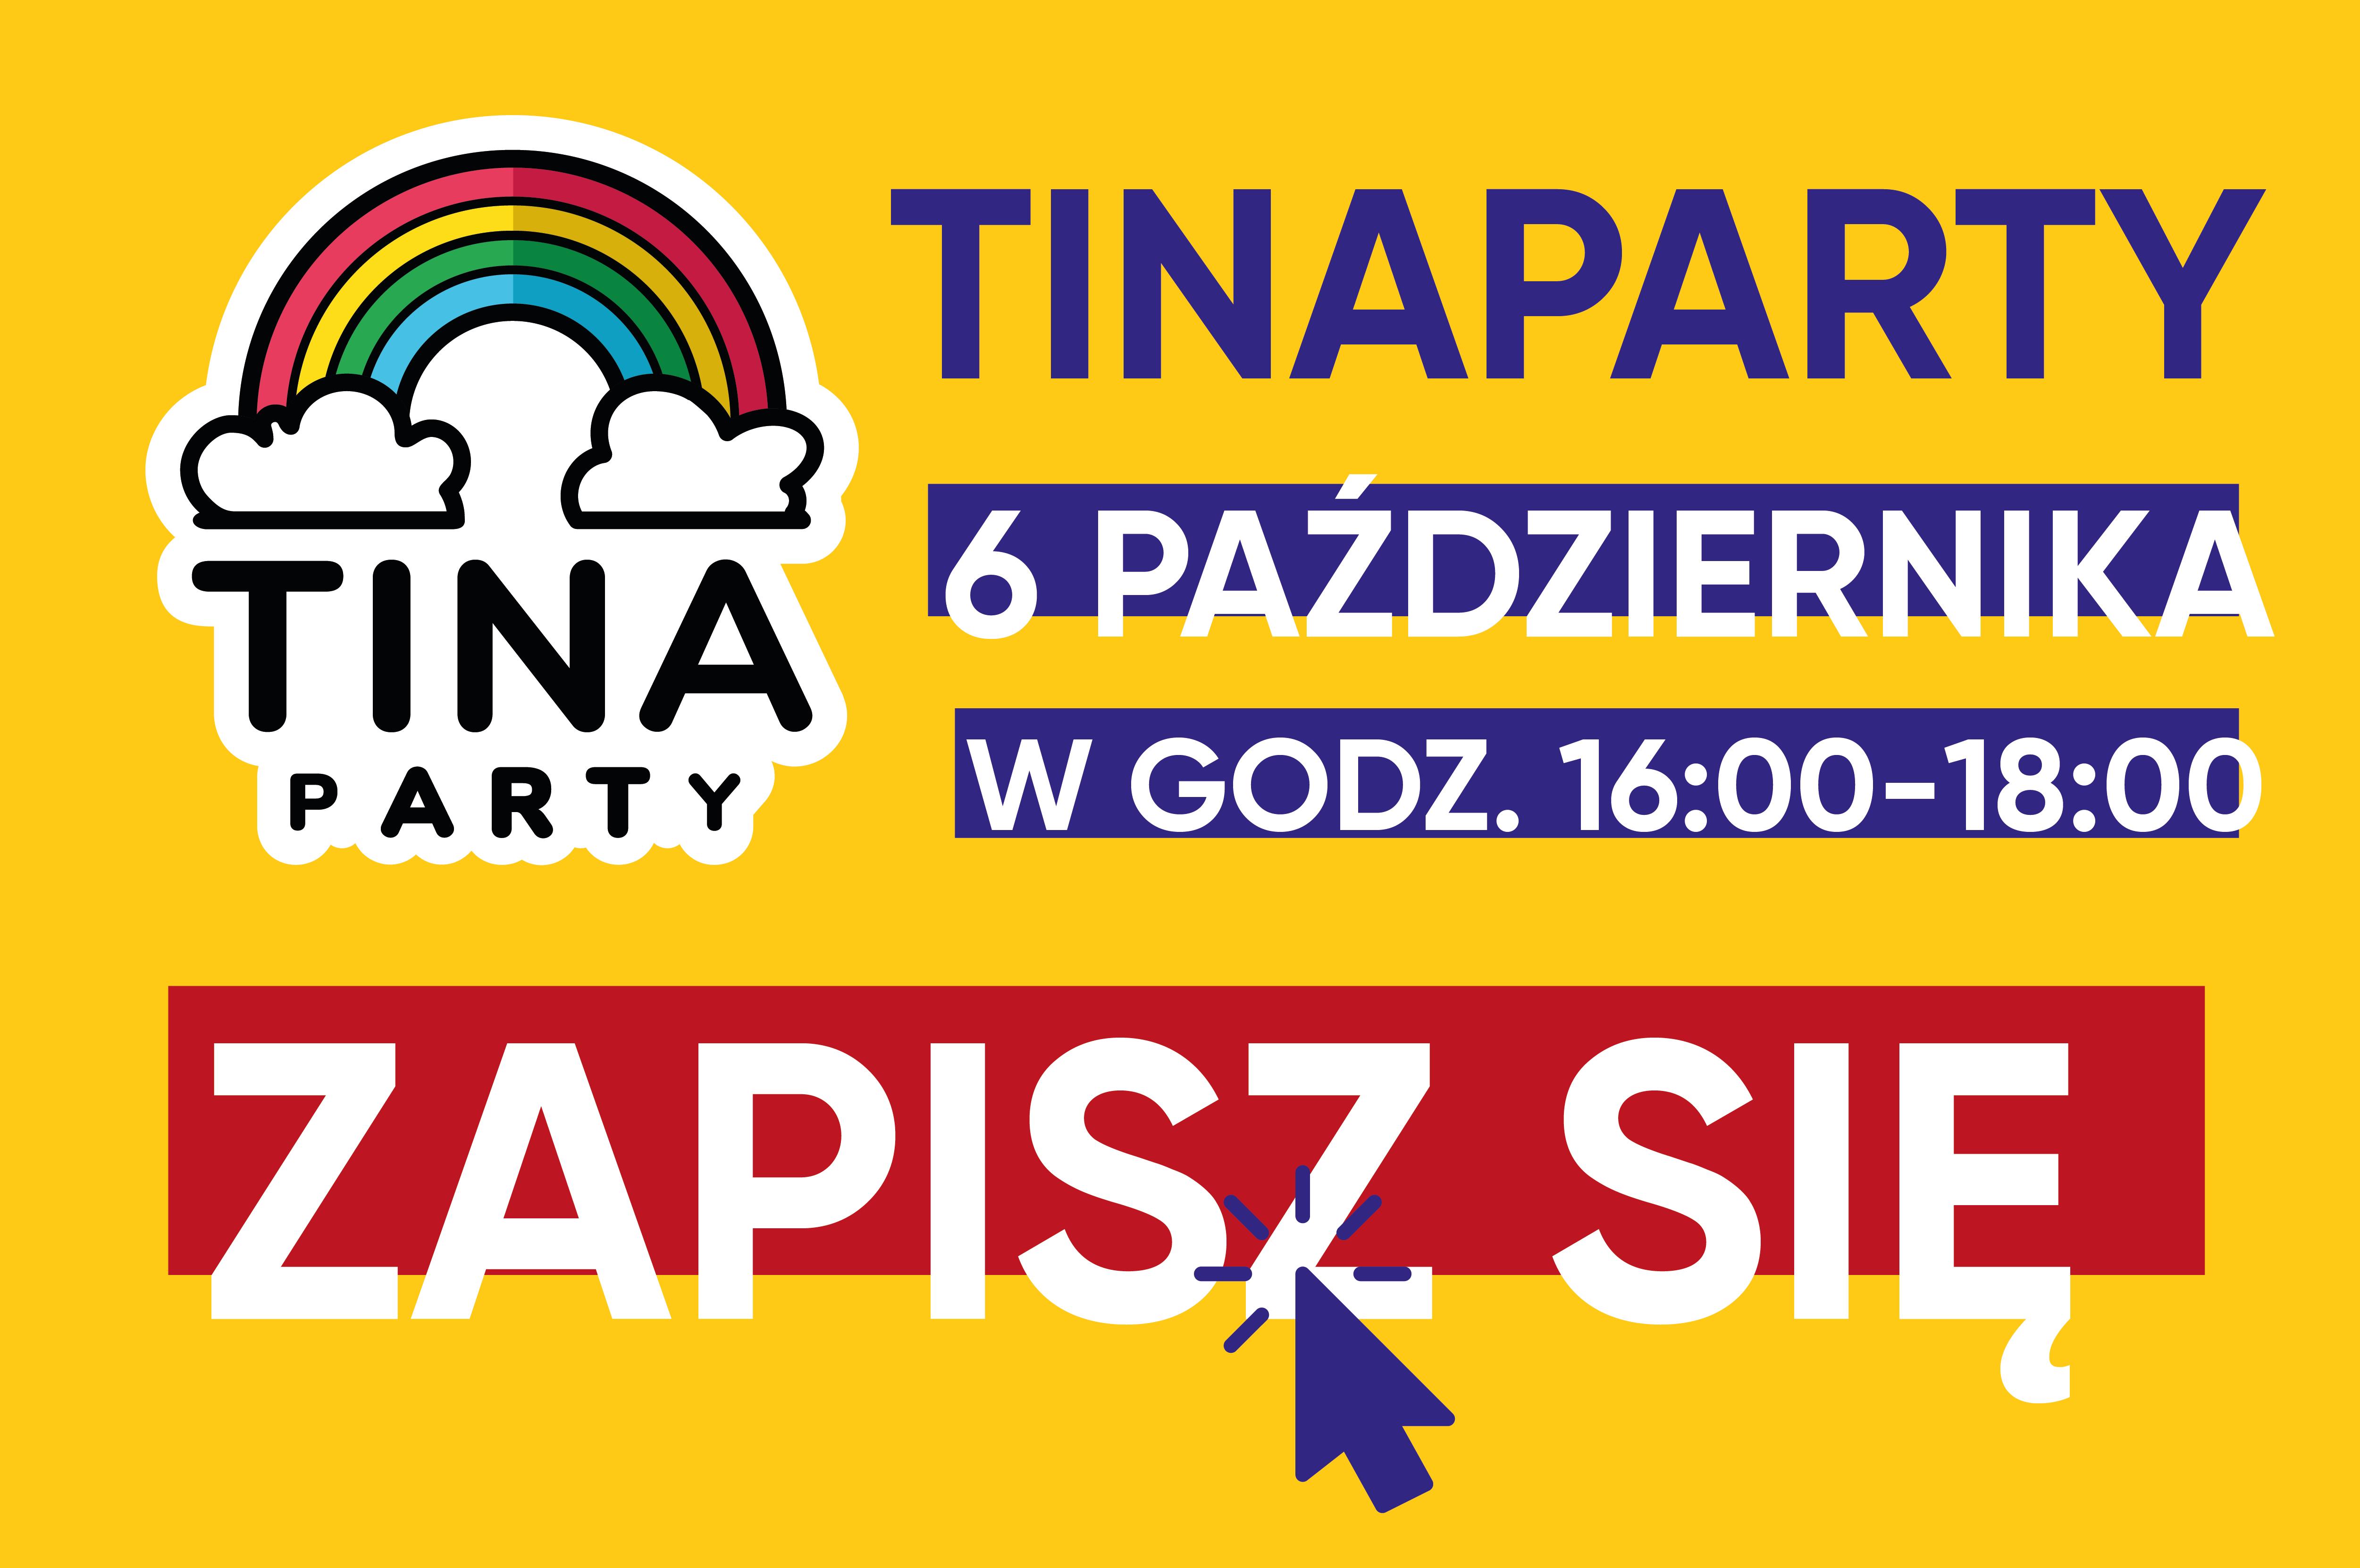 tinaparty